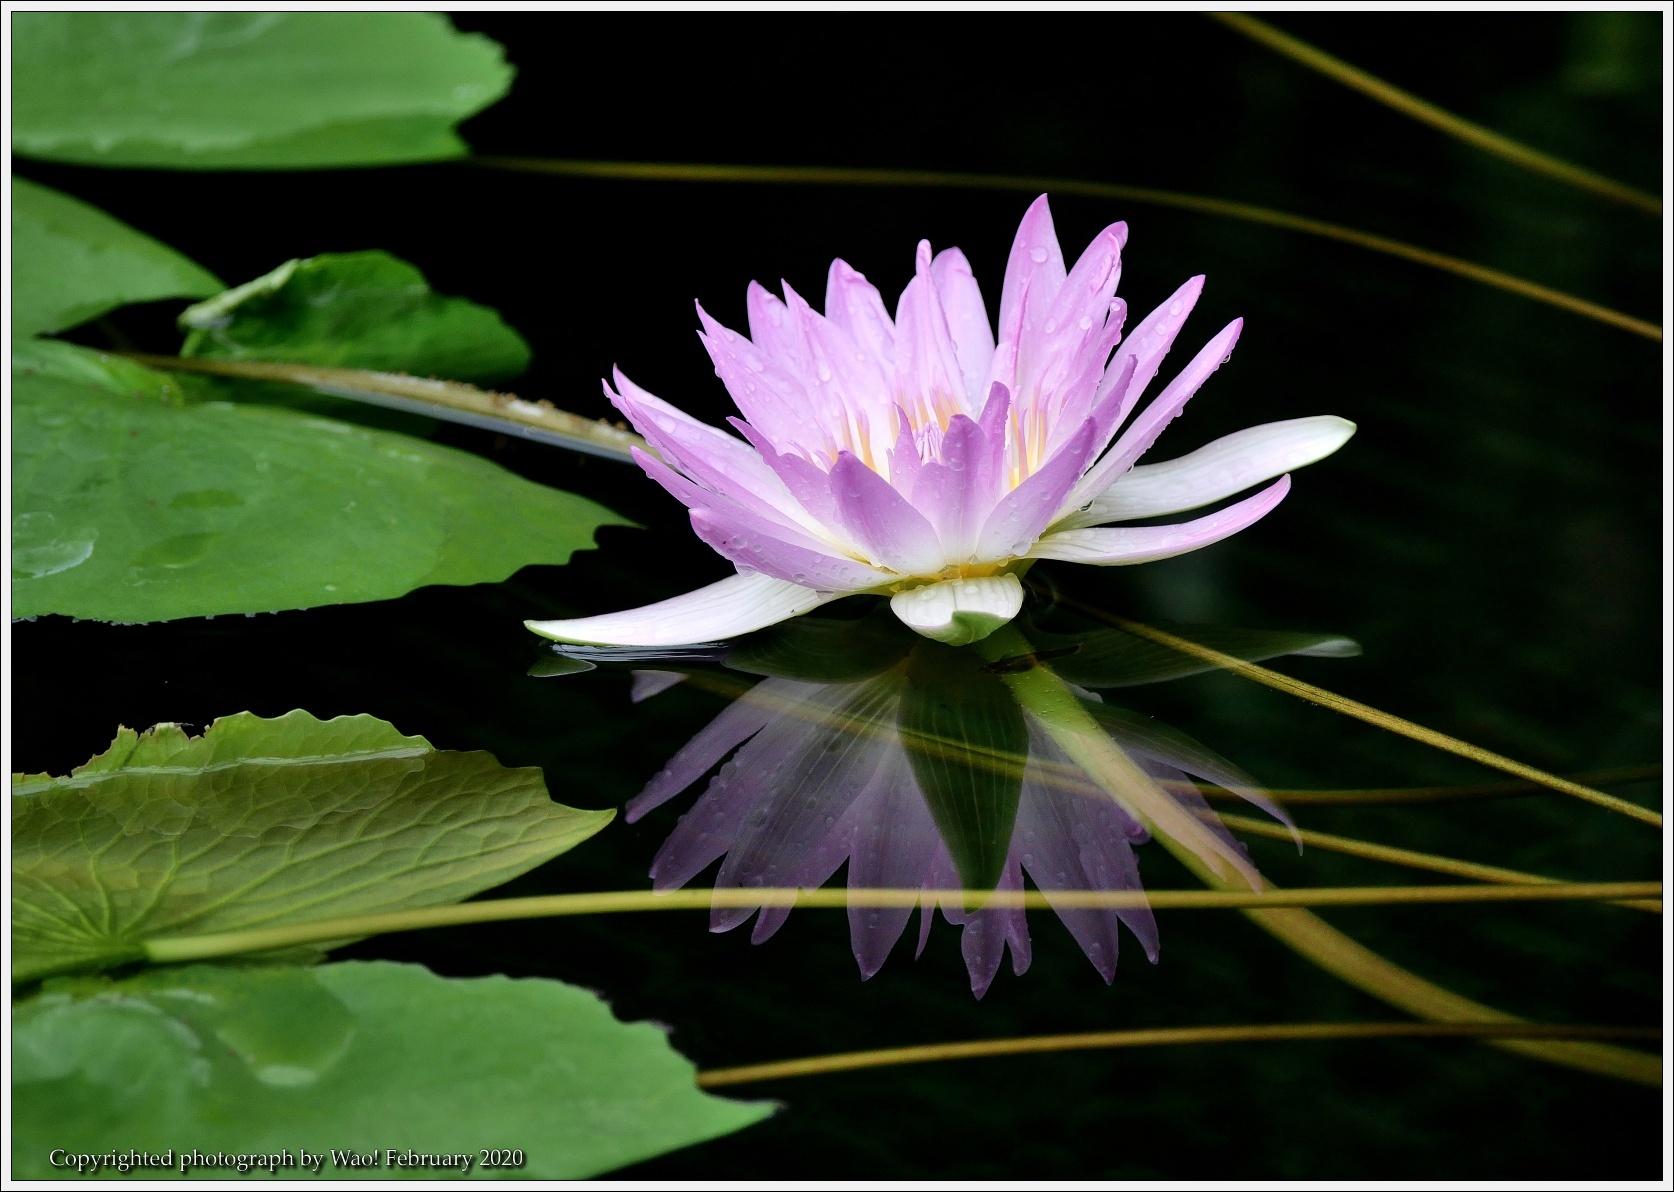 冬のバラと温室の花と蝶_c0198669_14055710.jpg